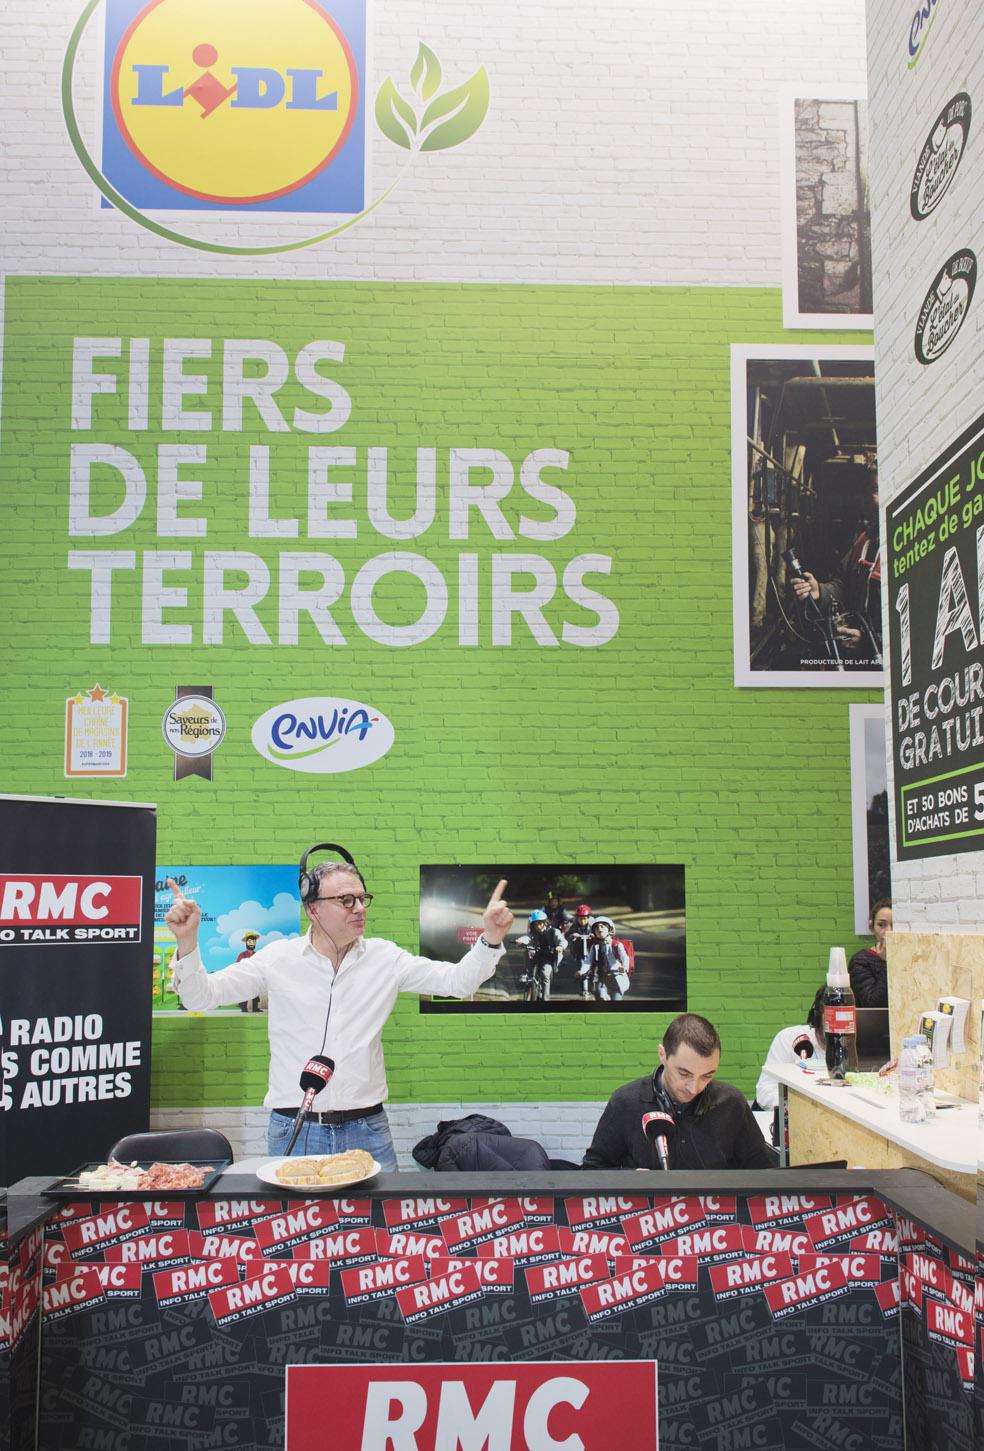 RFM SUR LE STAND LIDL FRANCE SIA 2019